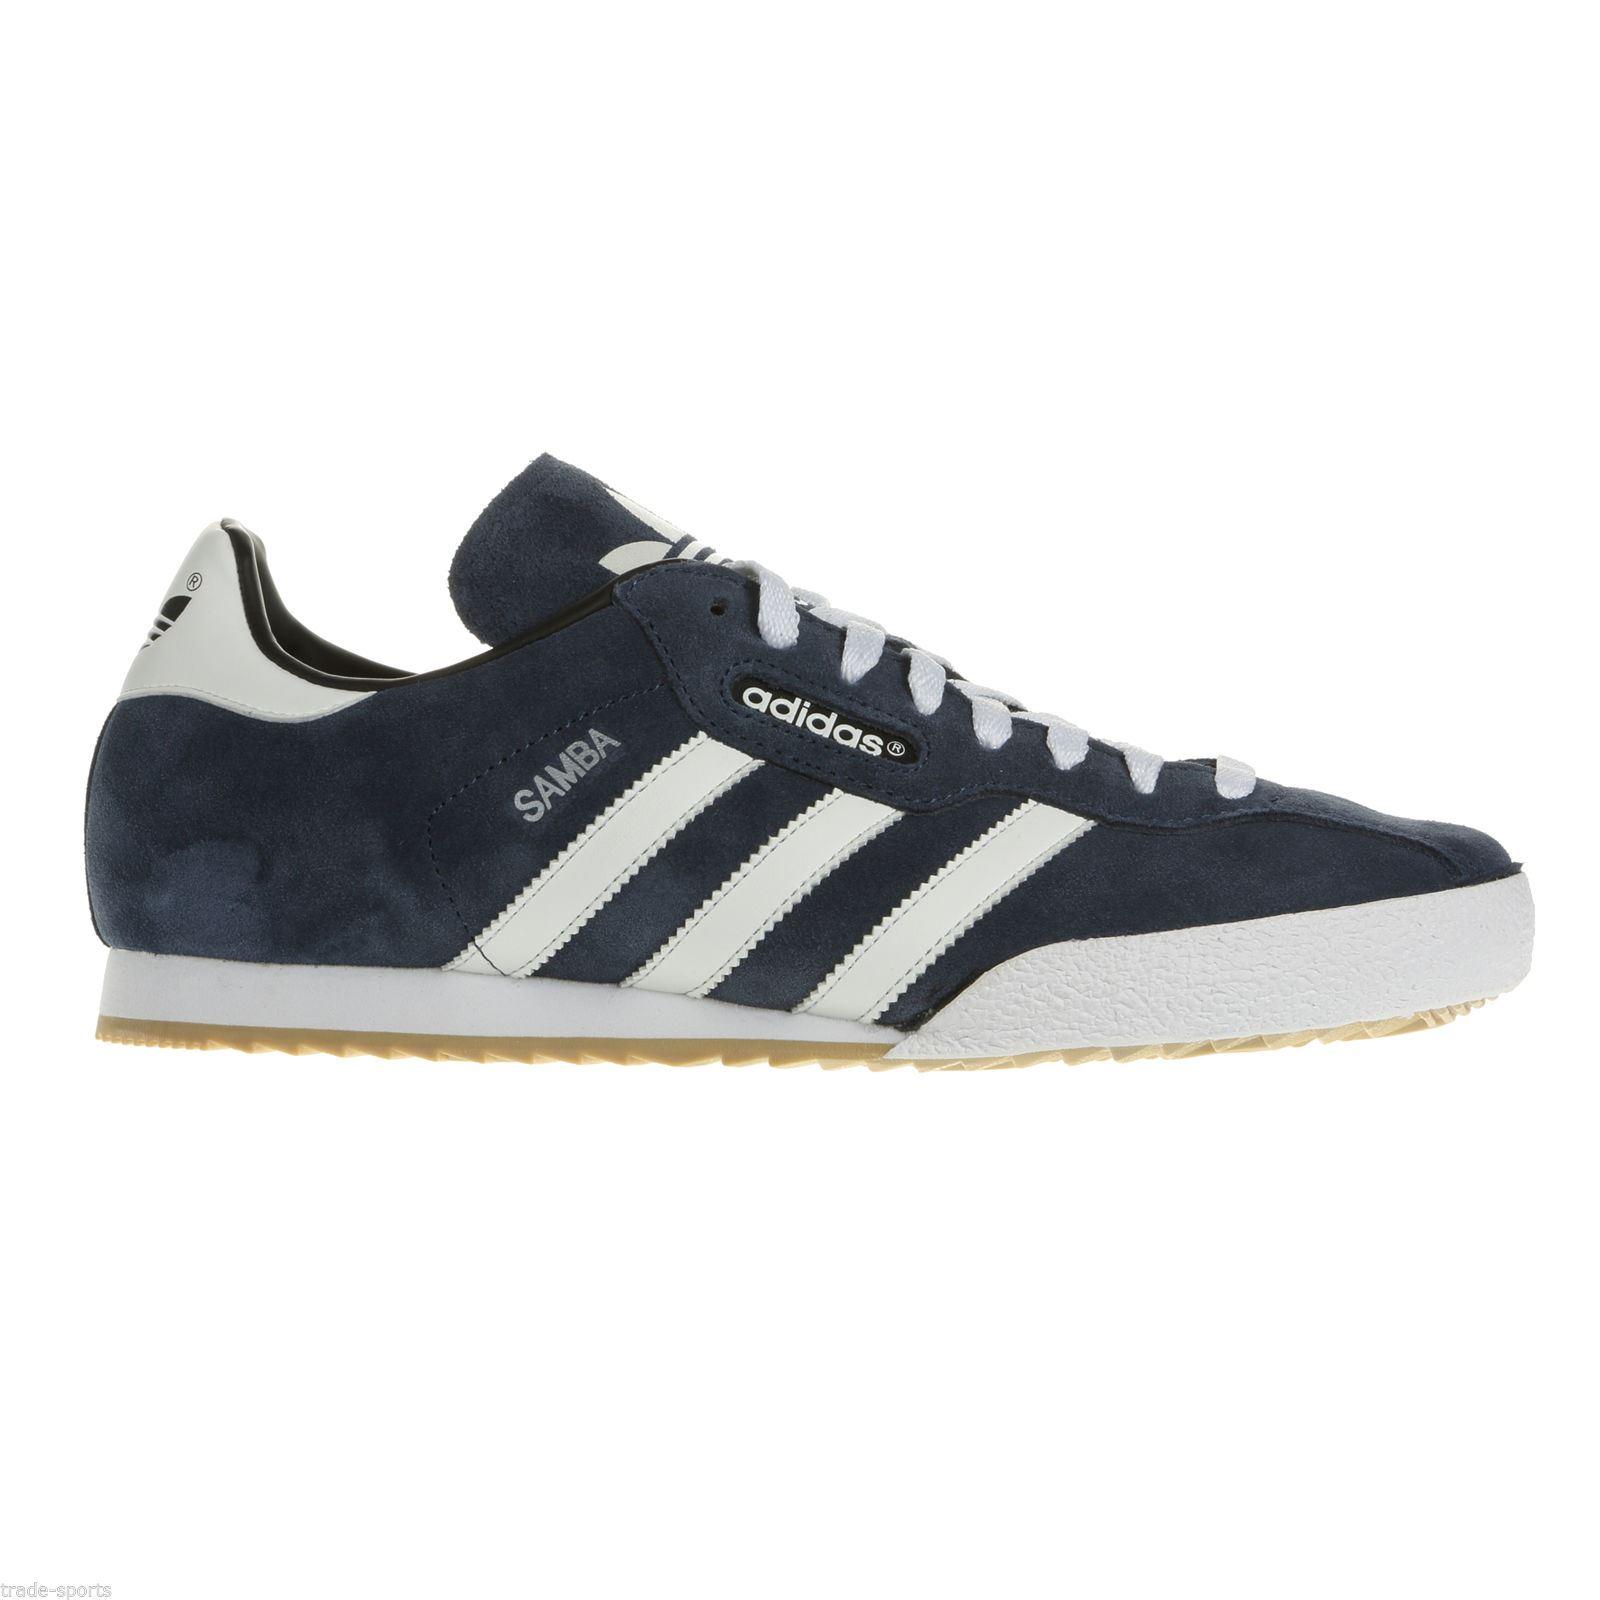 quality design 6ff1f 6b86c scarpe da ginnastica scarpe calcio blu ADIDAS ORIGINALS NAVY SAMBA SUPER  uomo scarpe da ginnastica